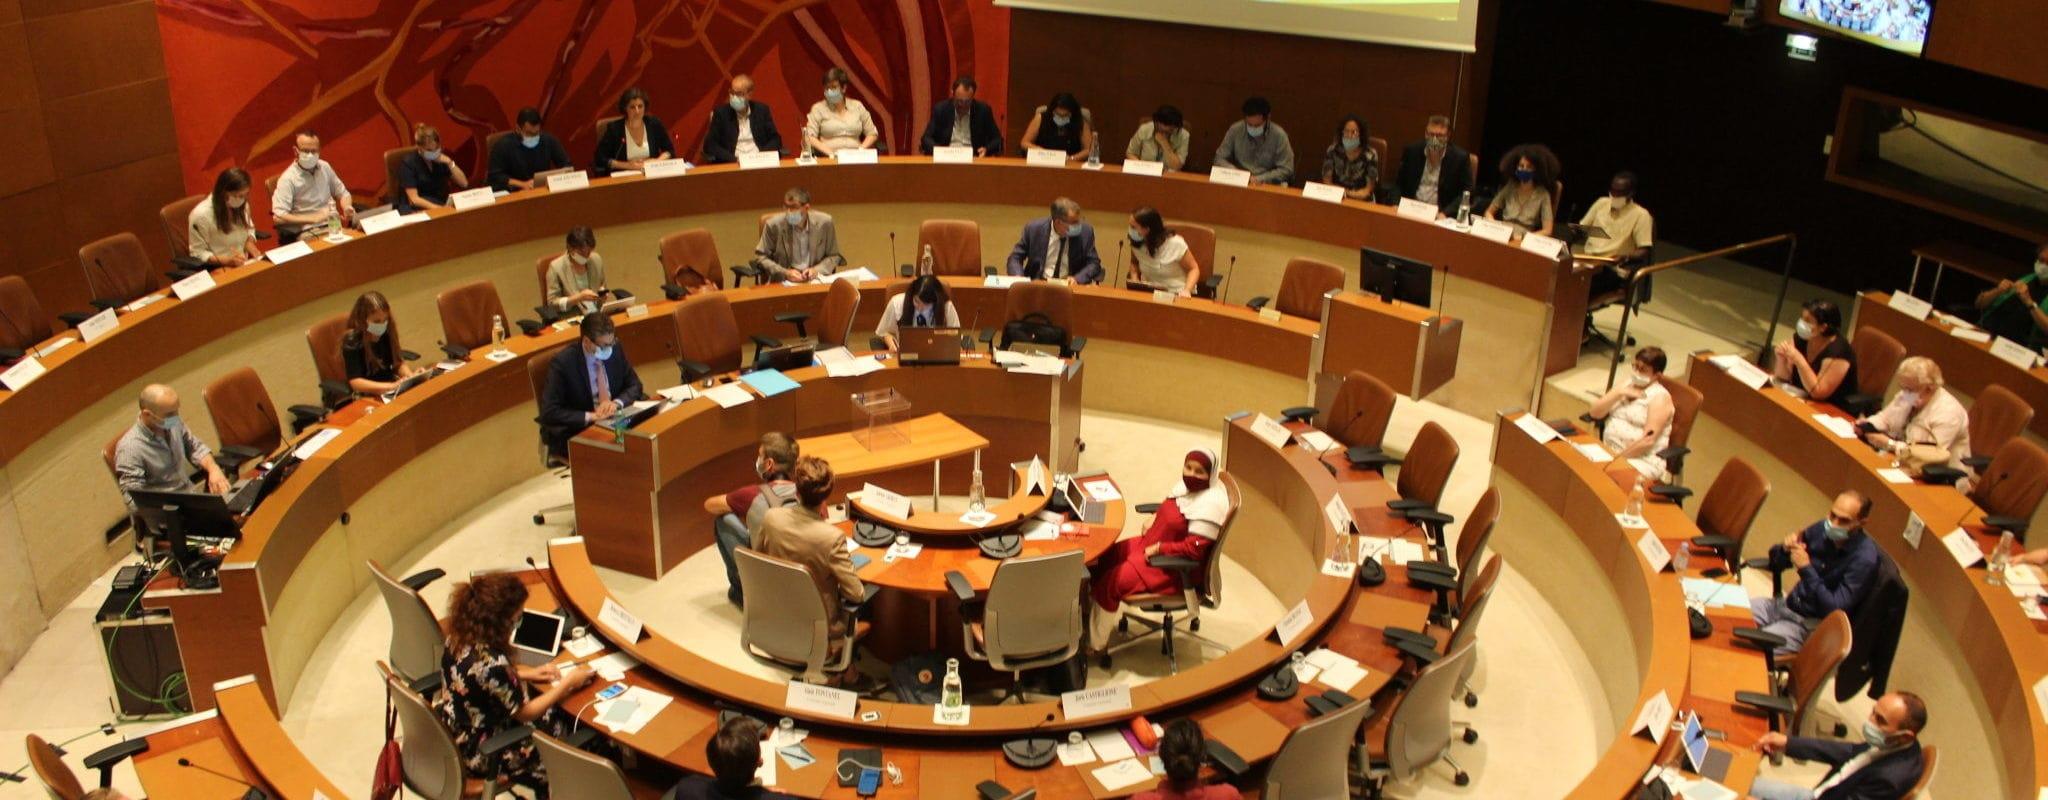 Au conseil municipal, une opposition requinquée